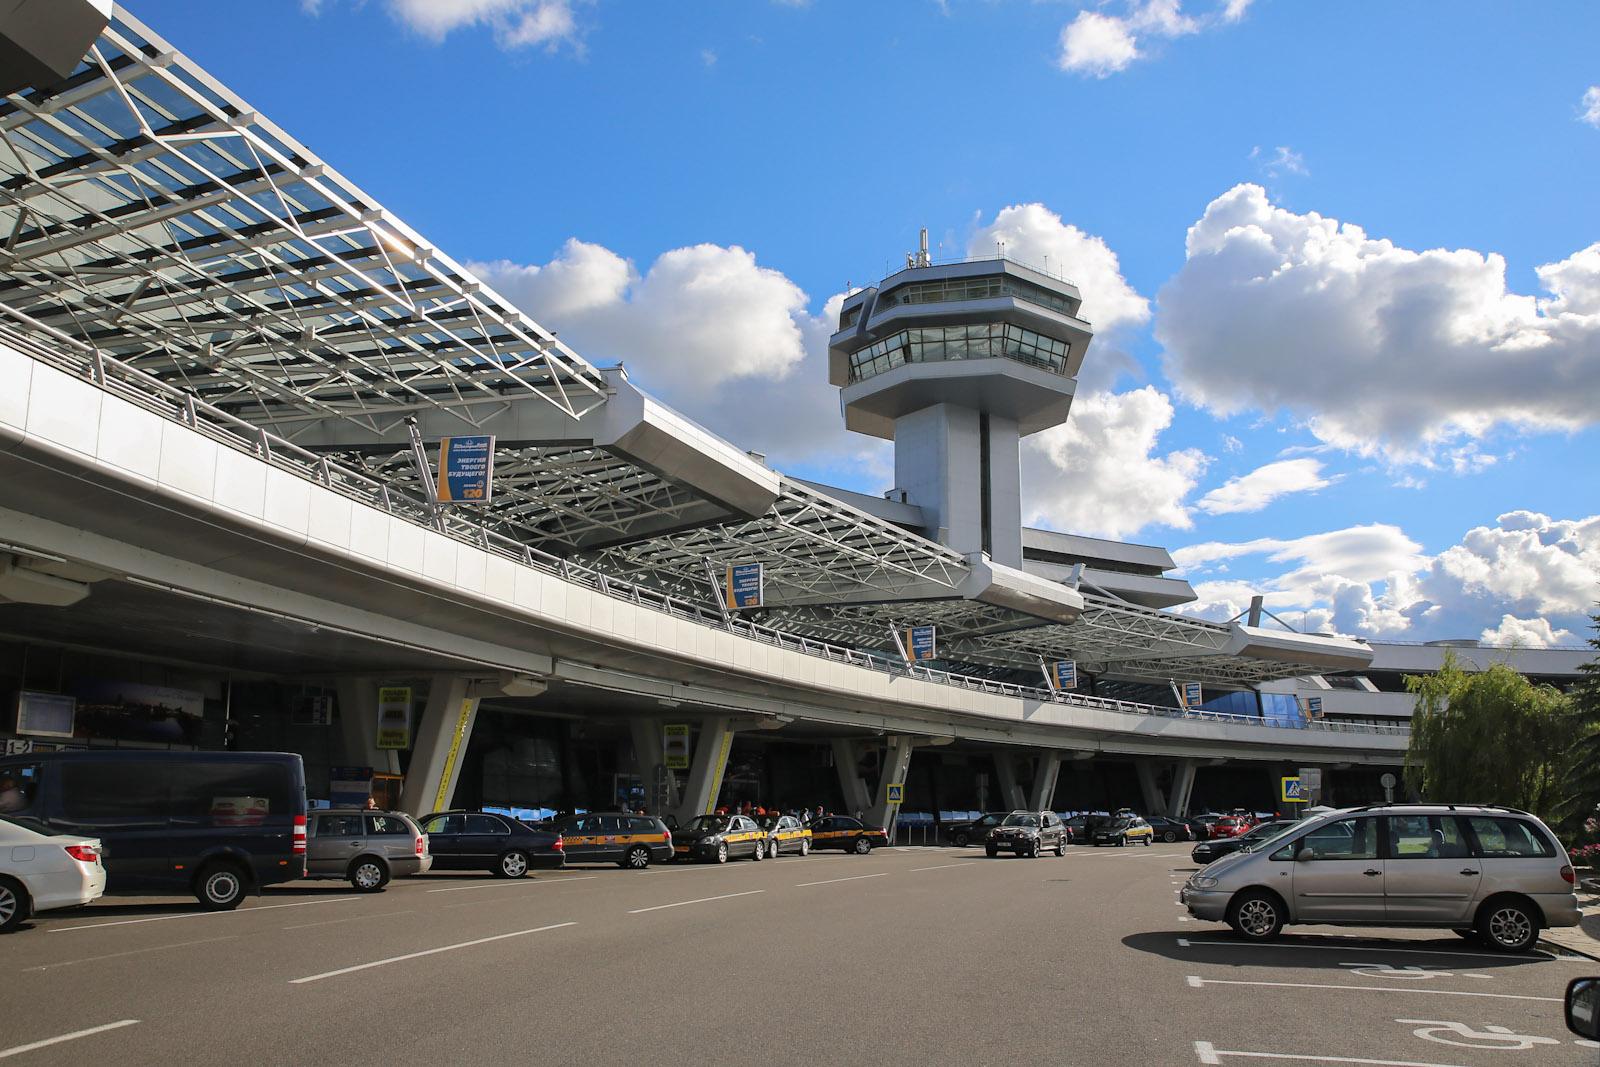 Аэровокзал аэропорта Минск Национальный